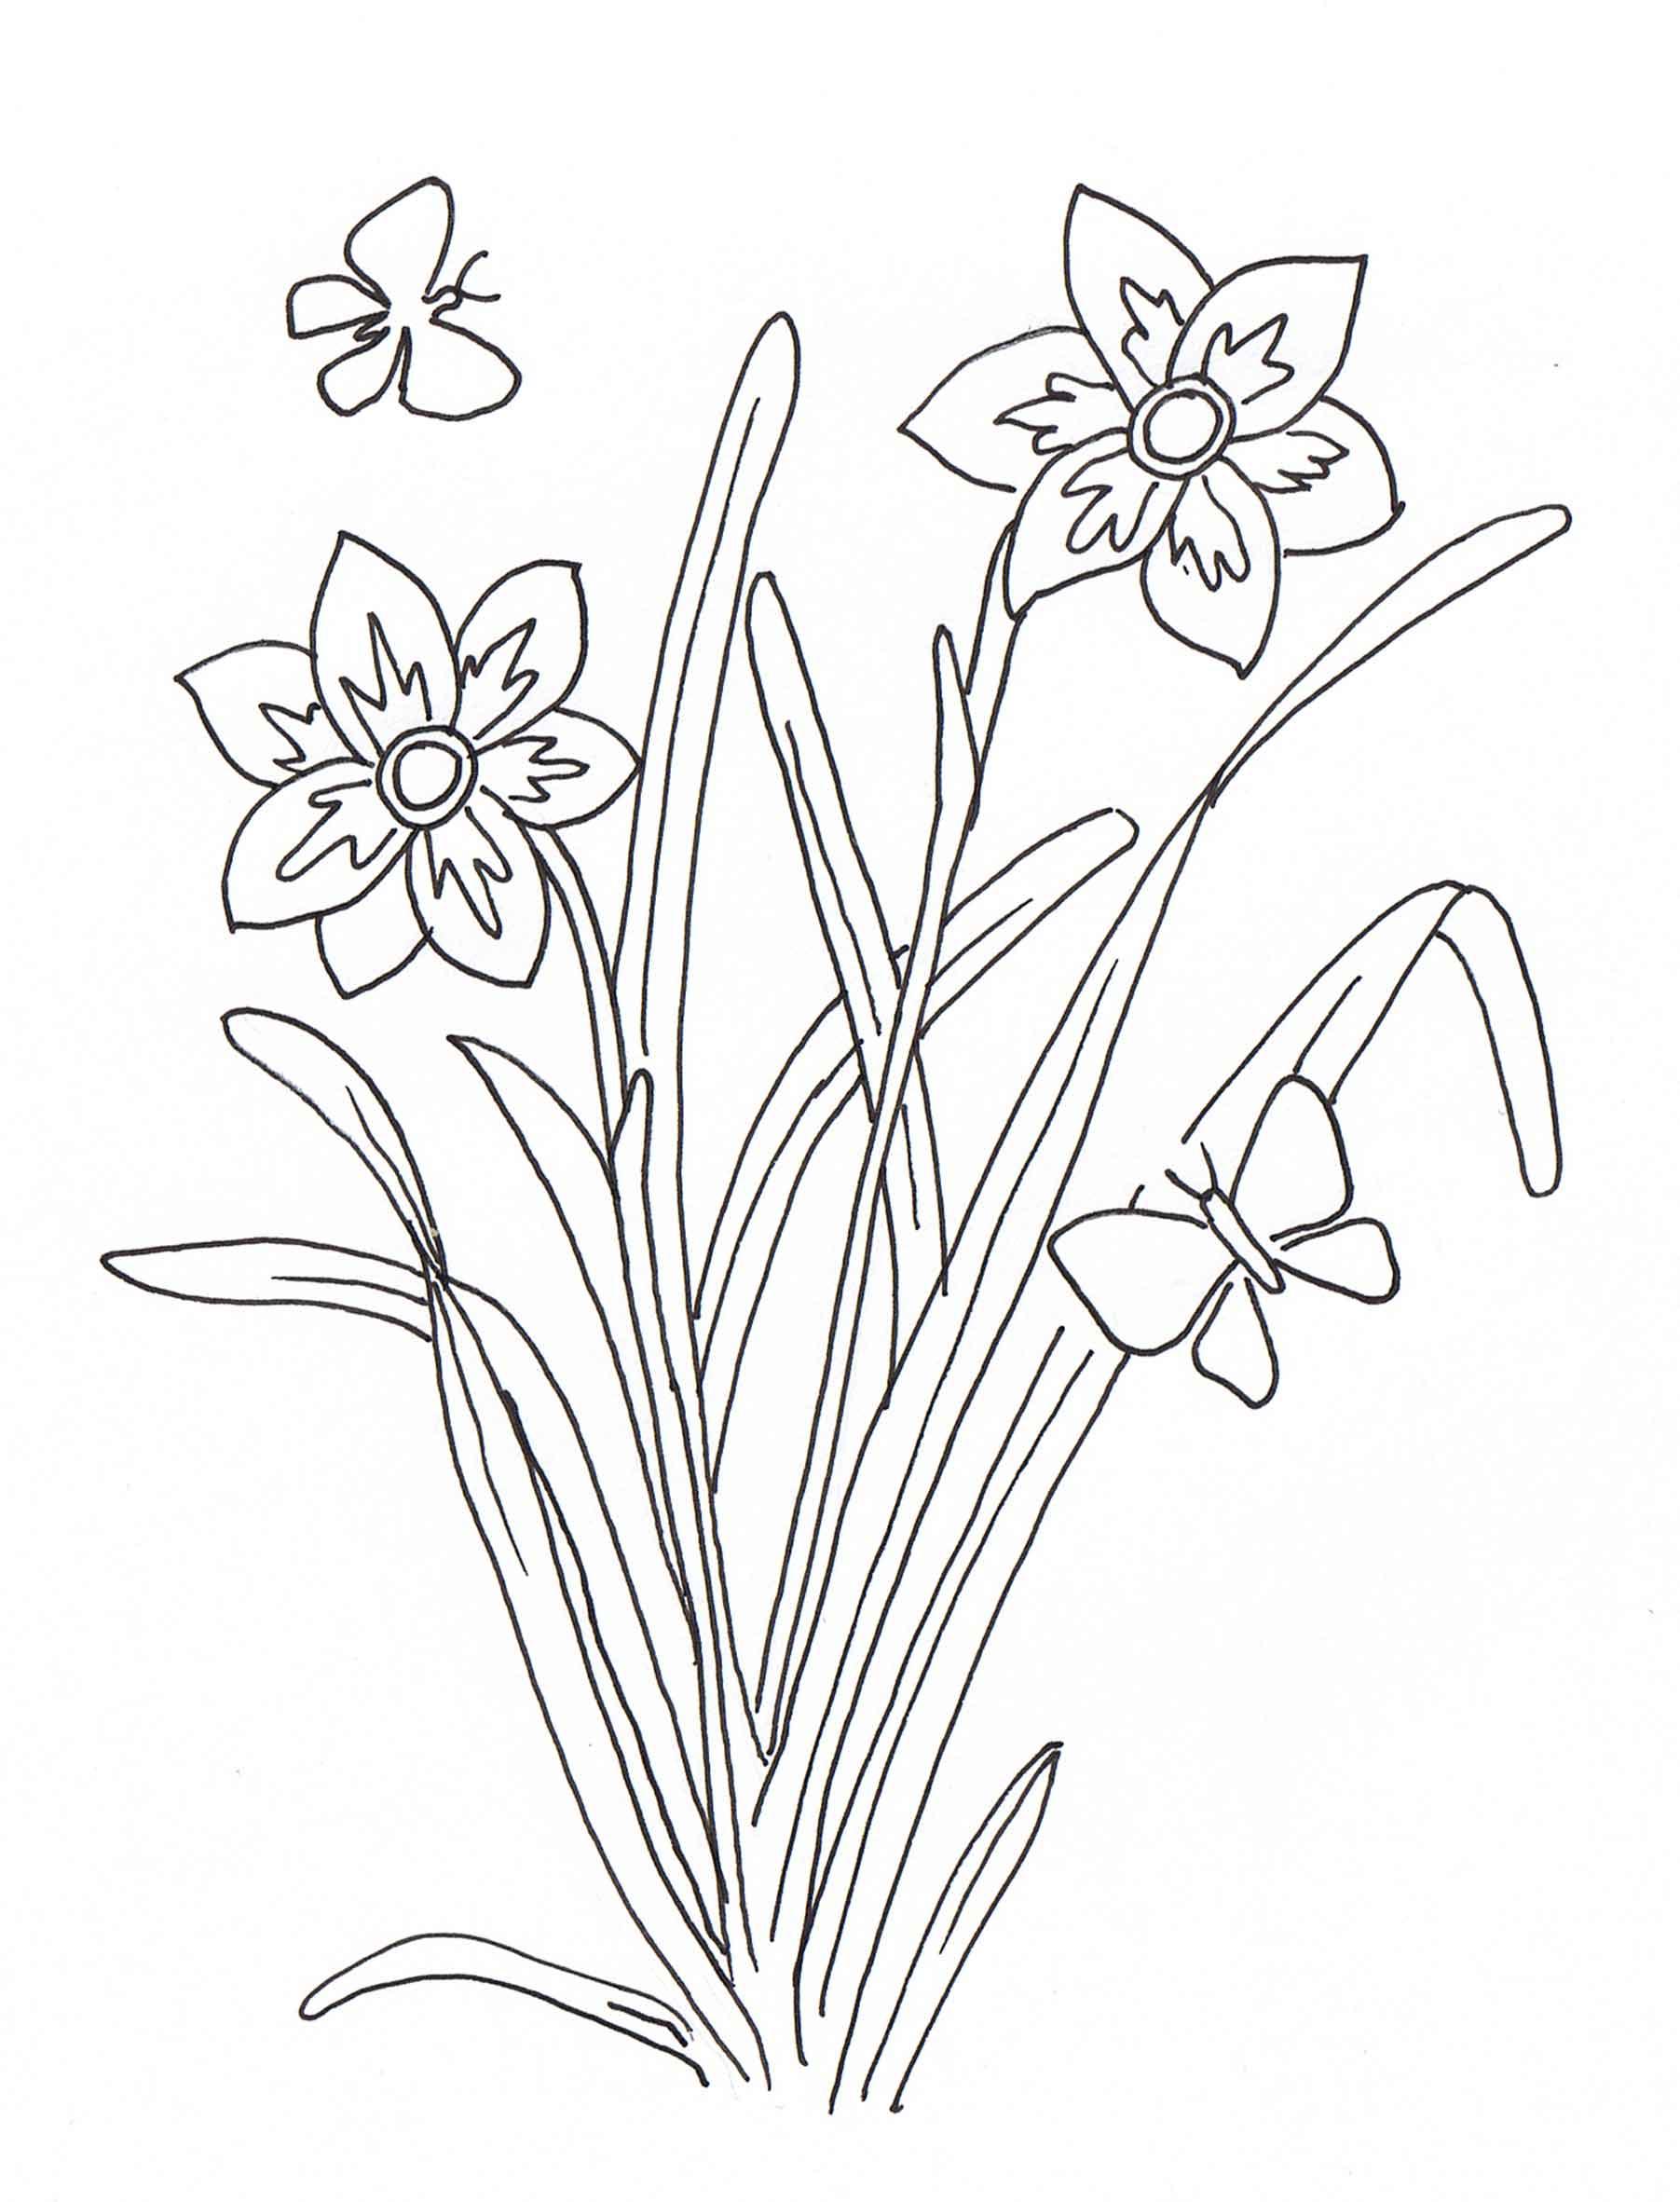 Coloriage a imprimer plante - Colorier dessin ...